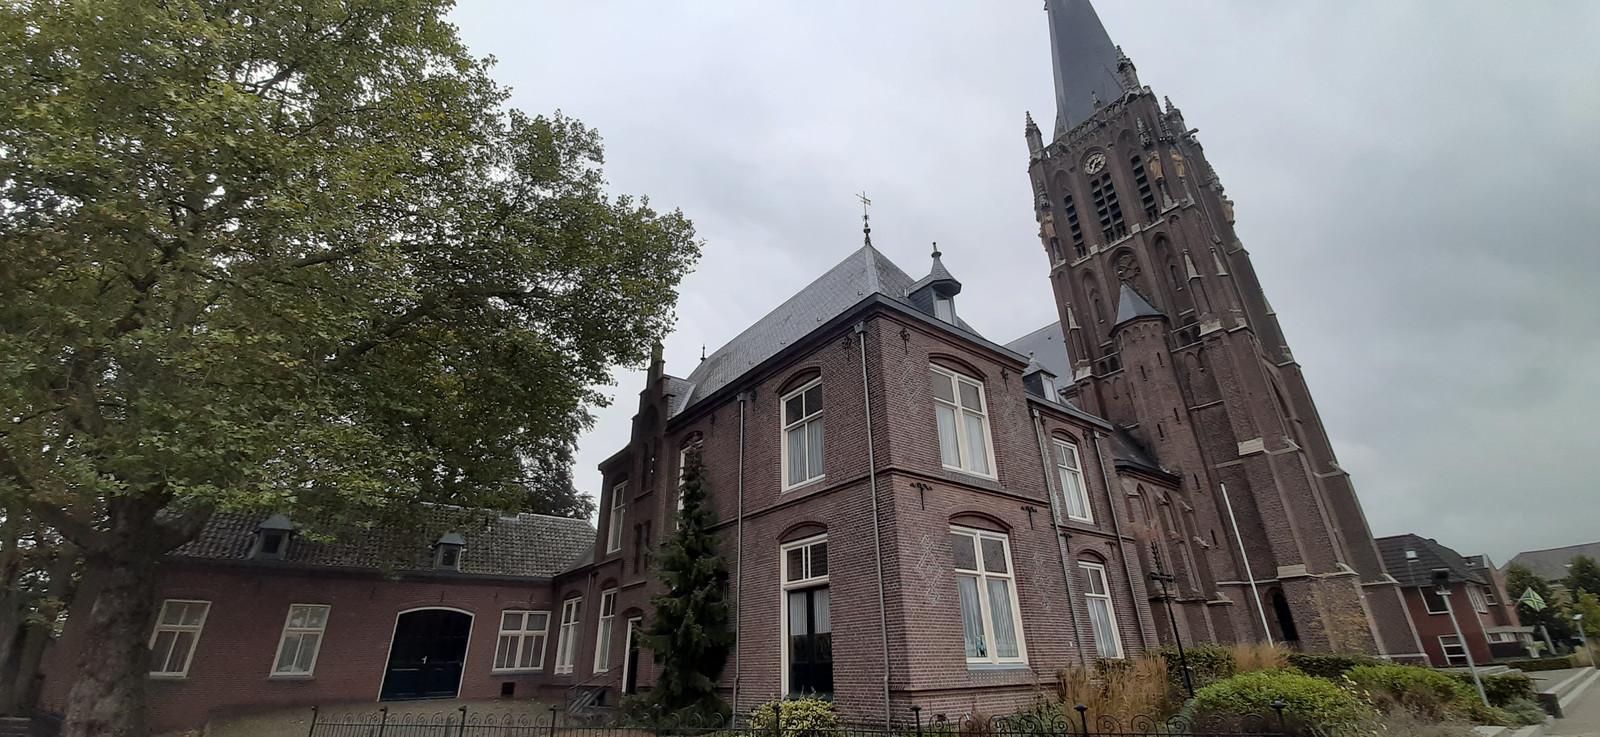 De pastorie en het koetshuis, naast de indrukwekkende Zieuwentse Sint Werenfriduskerk.